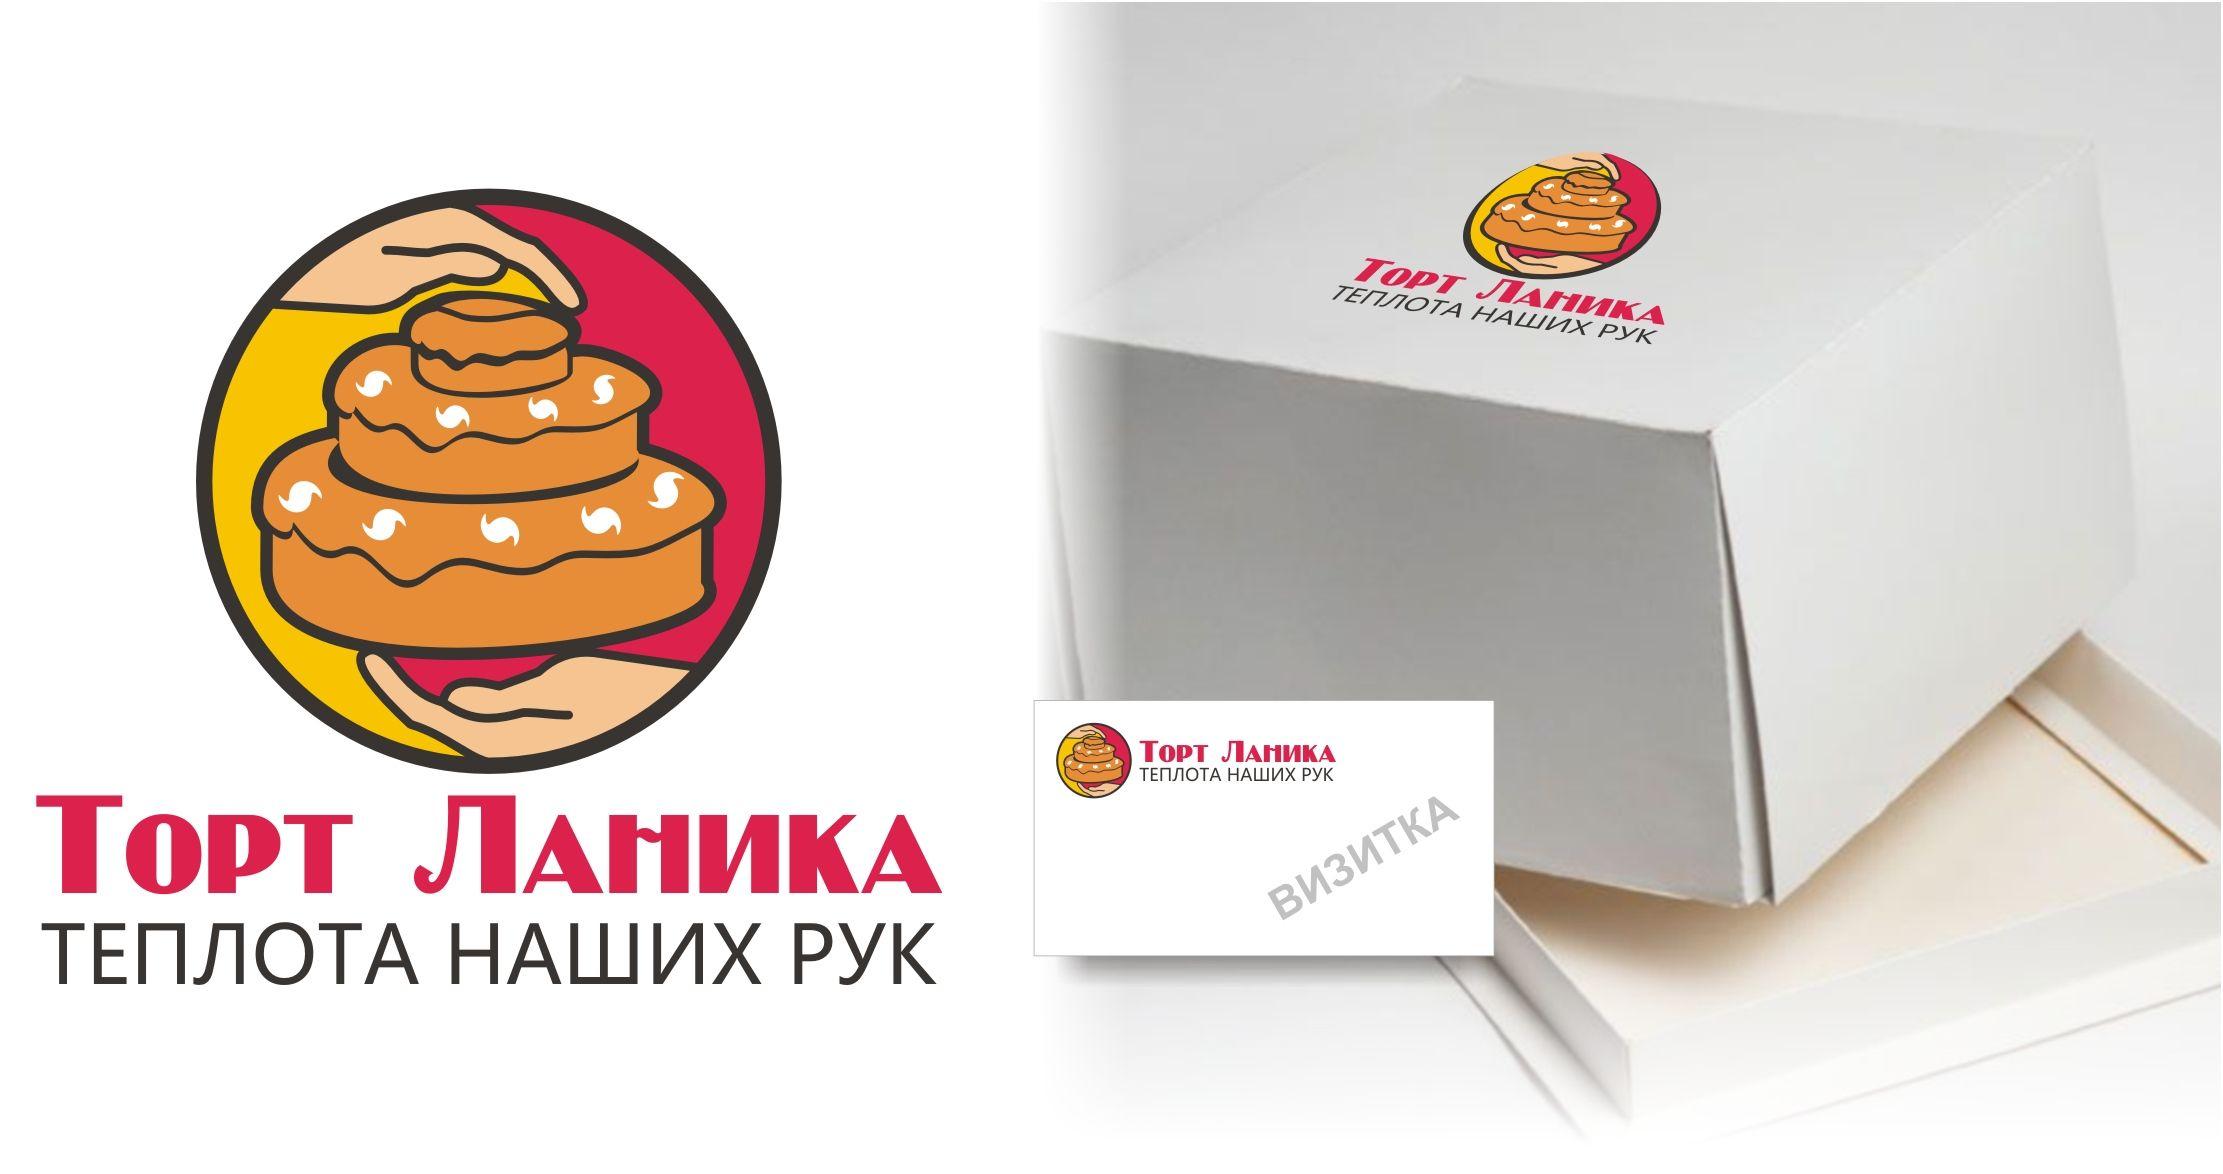 Лого ИМ тортов,пирожных и печенья ручной работы - дизайнер LiXoOnshade